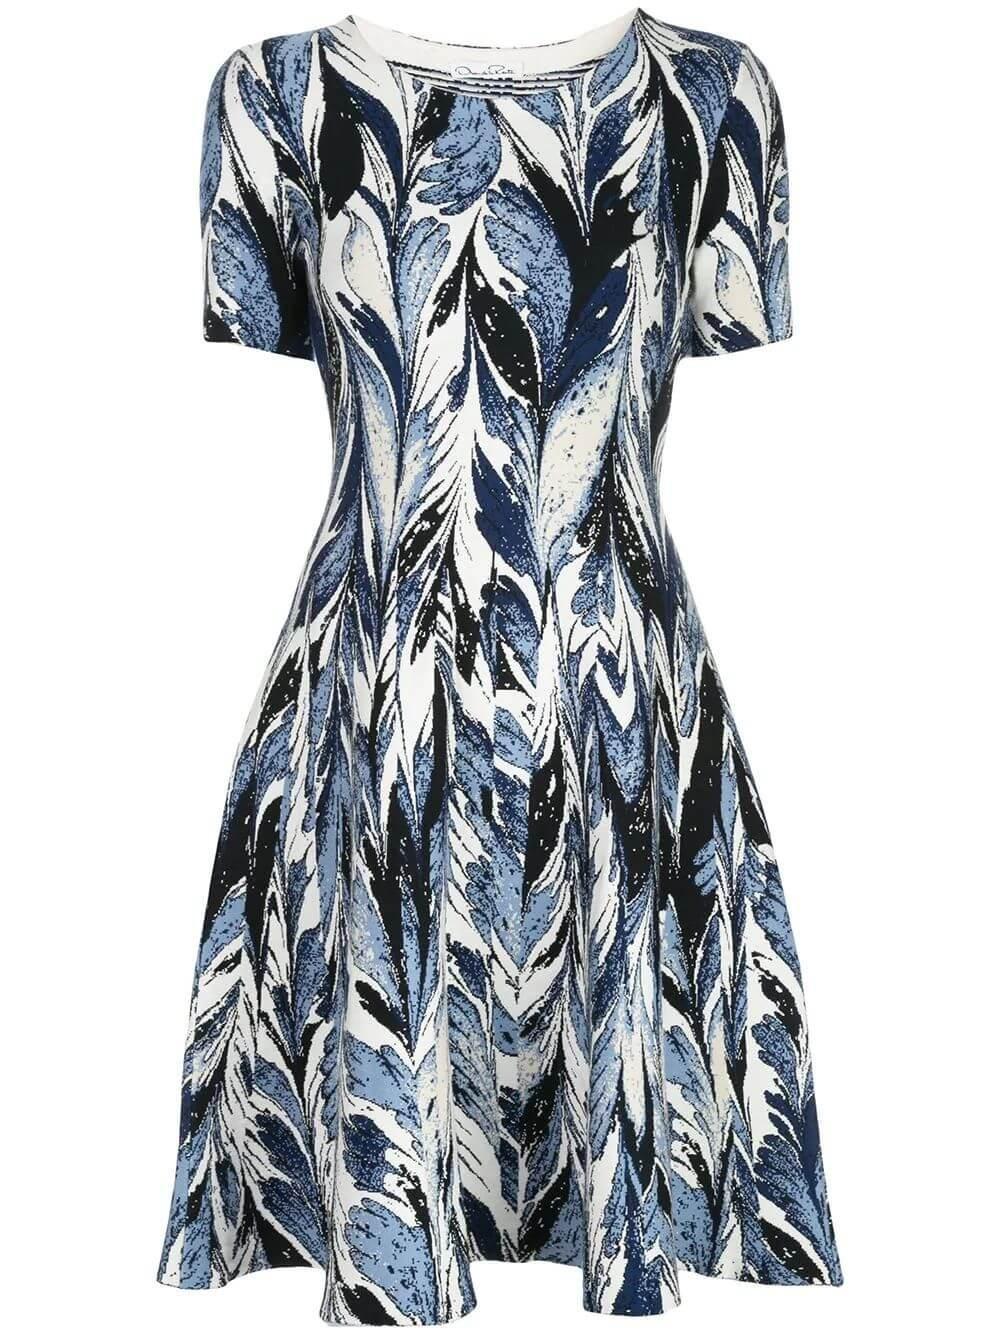 Printed Knit Dress Item # 20PN1122LMJ